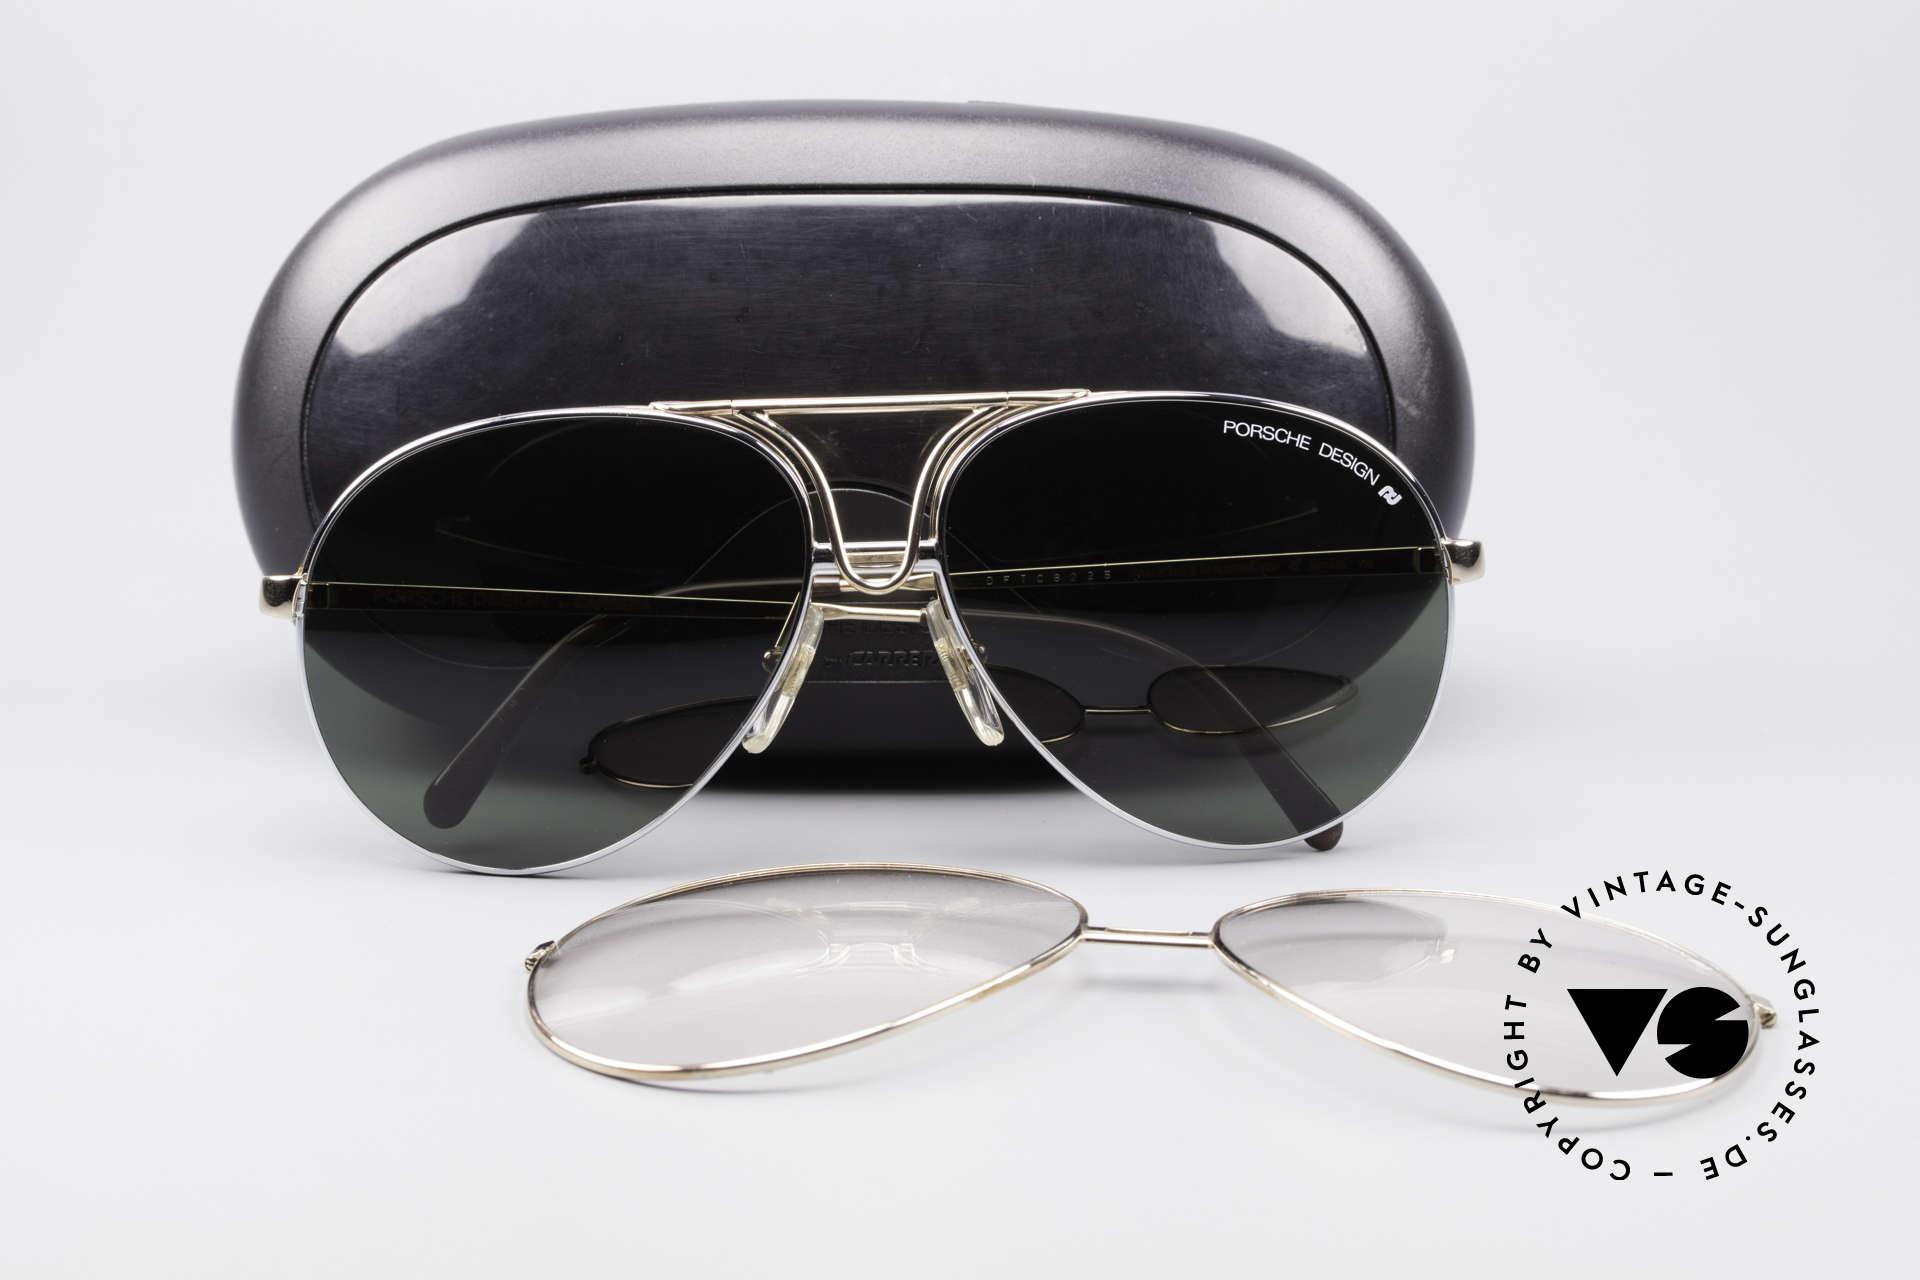 Sonnenbrillen Porsche 5657 90er Wechselrahmen Brille Vintage Sunglasses